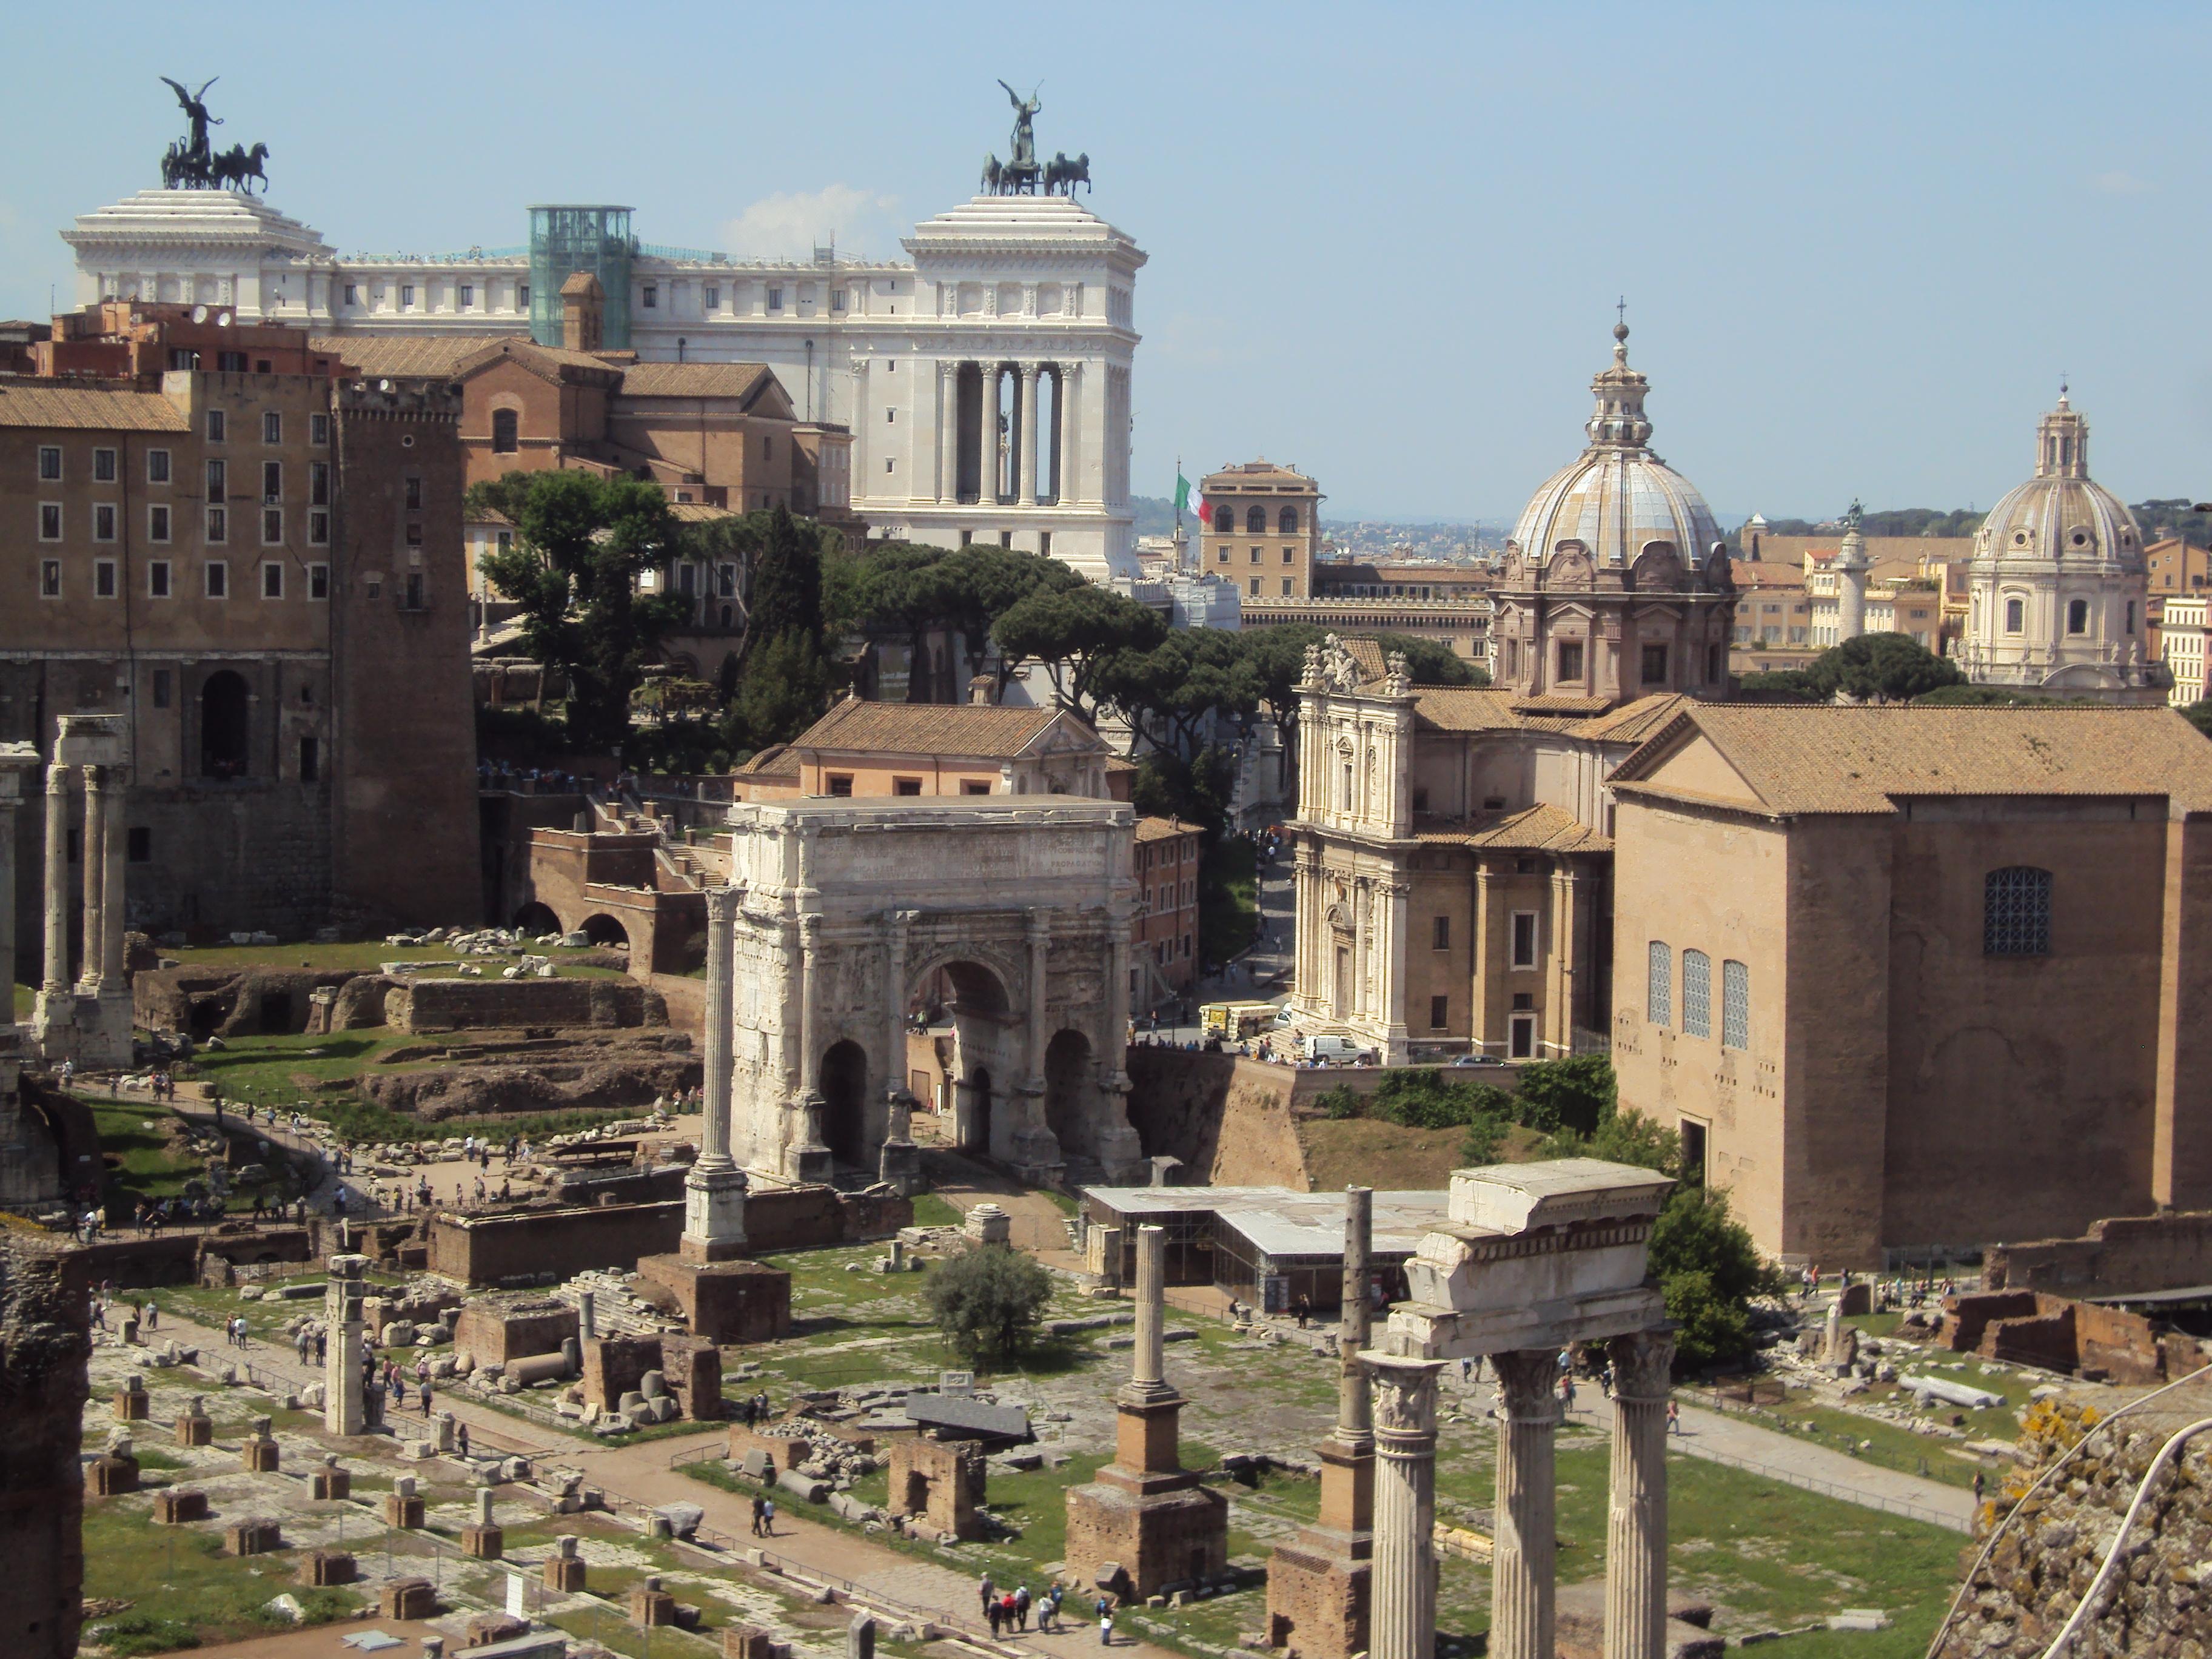 Il Vittoriano e il Foro Romano